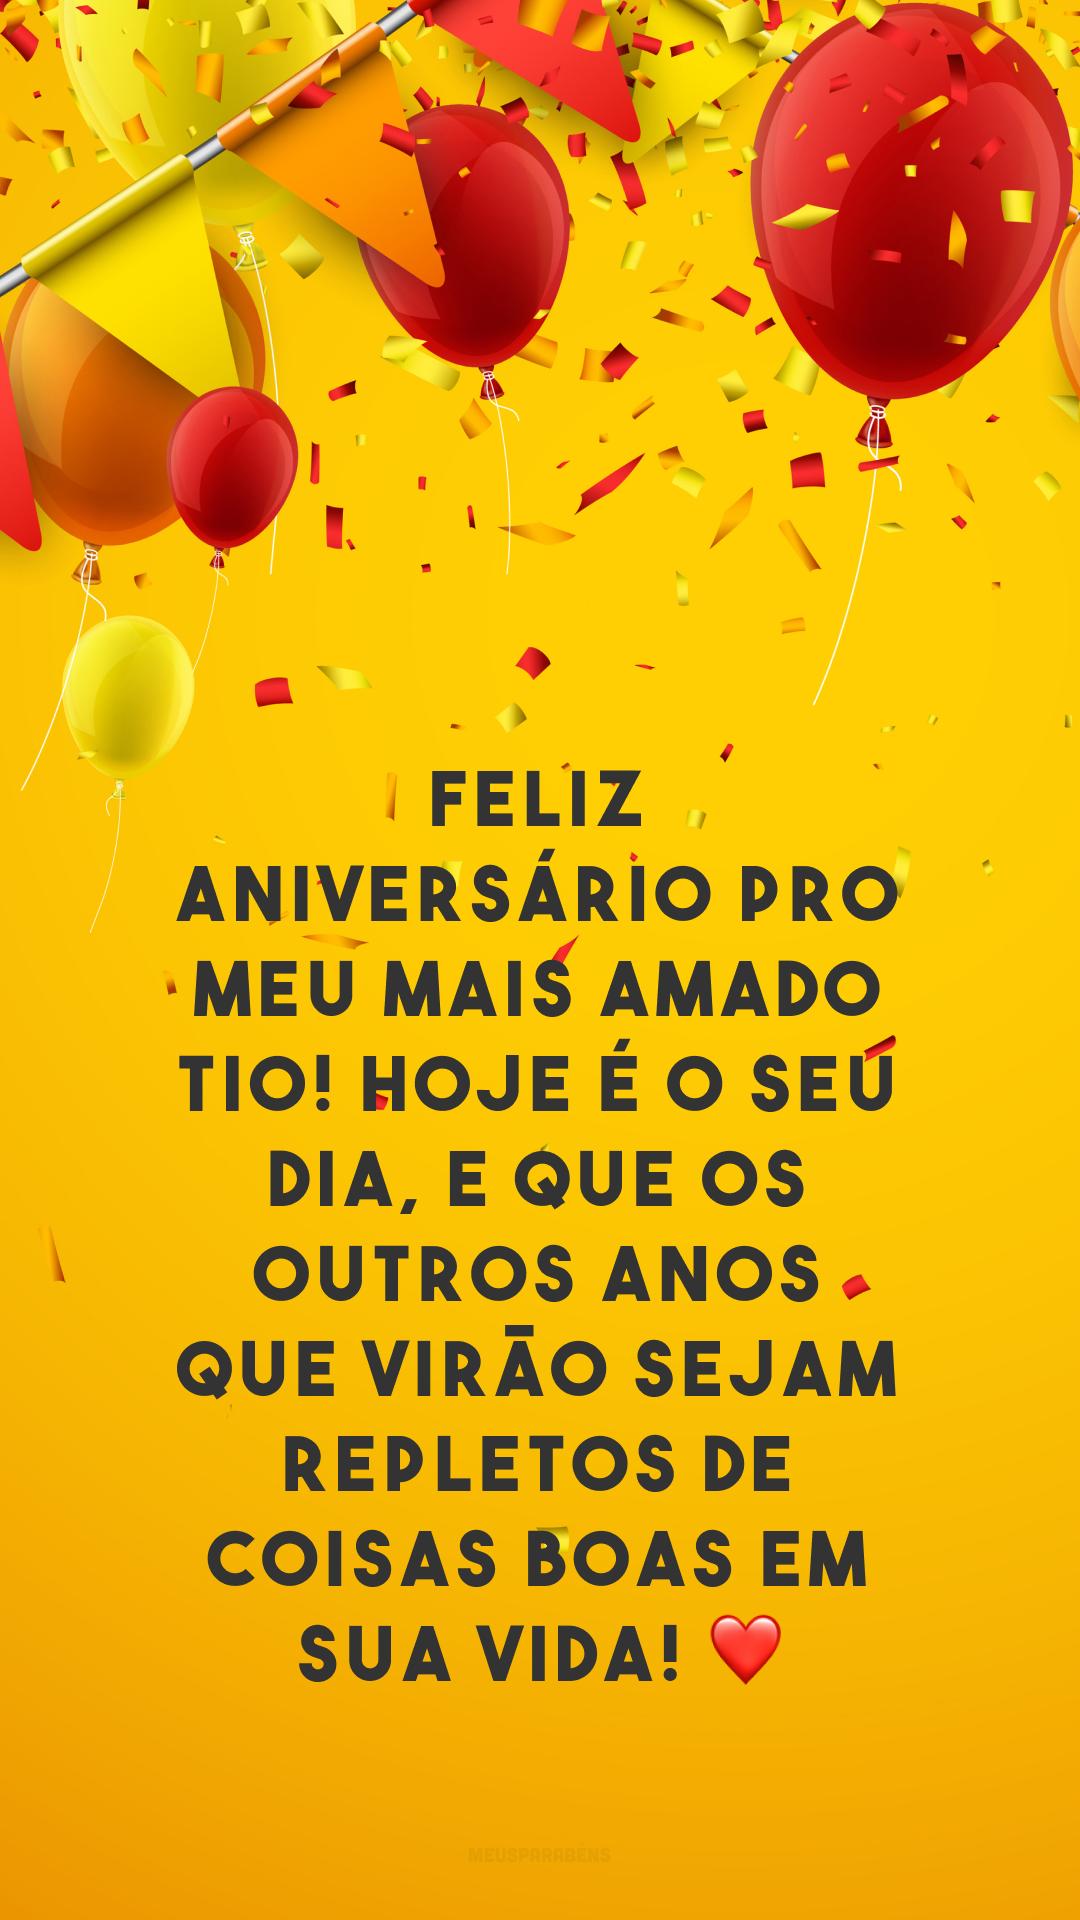 Feliz aniversário pro meu mais amado tio! Hoje é o seu dia, e que os outros anos que virão sejam repletos de coisas boas em sua vida! ❤